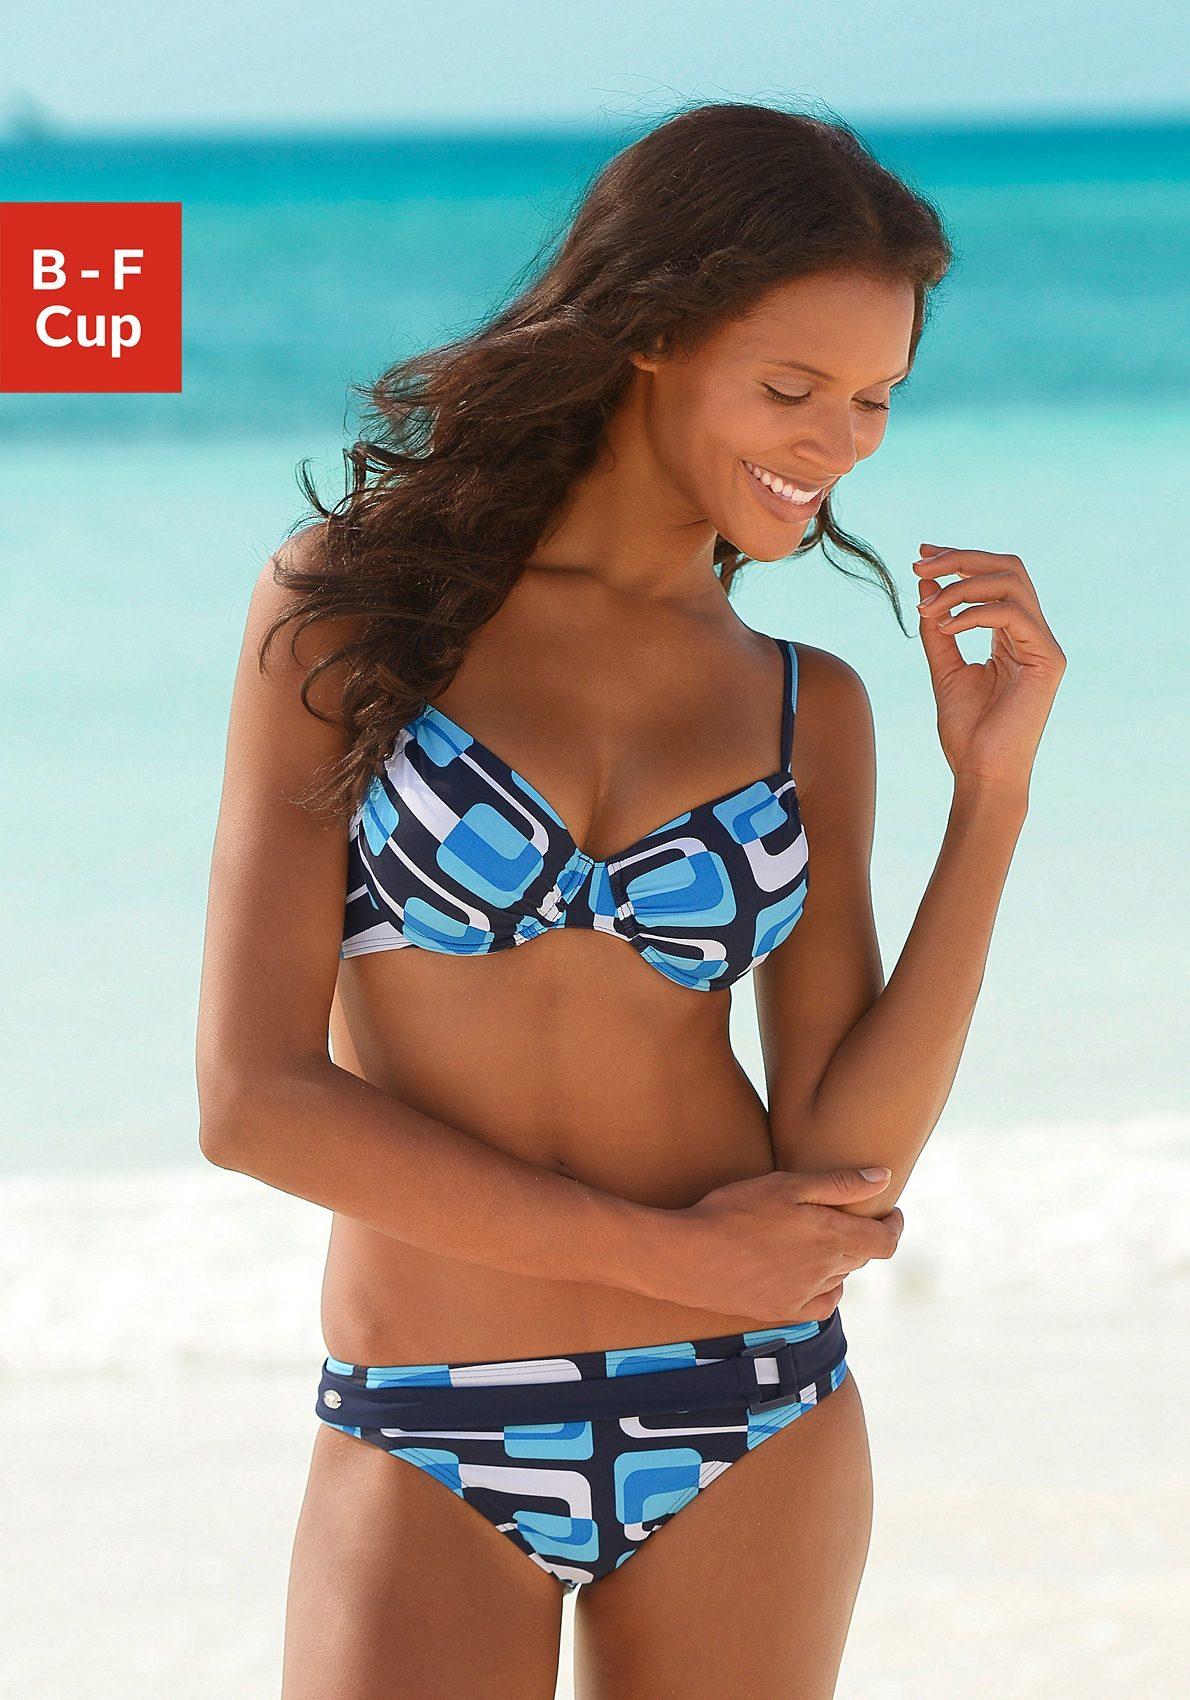 KangaROOS Bügel-Bikini im Retro-Design